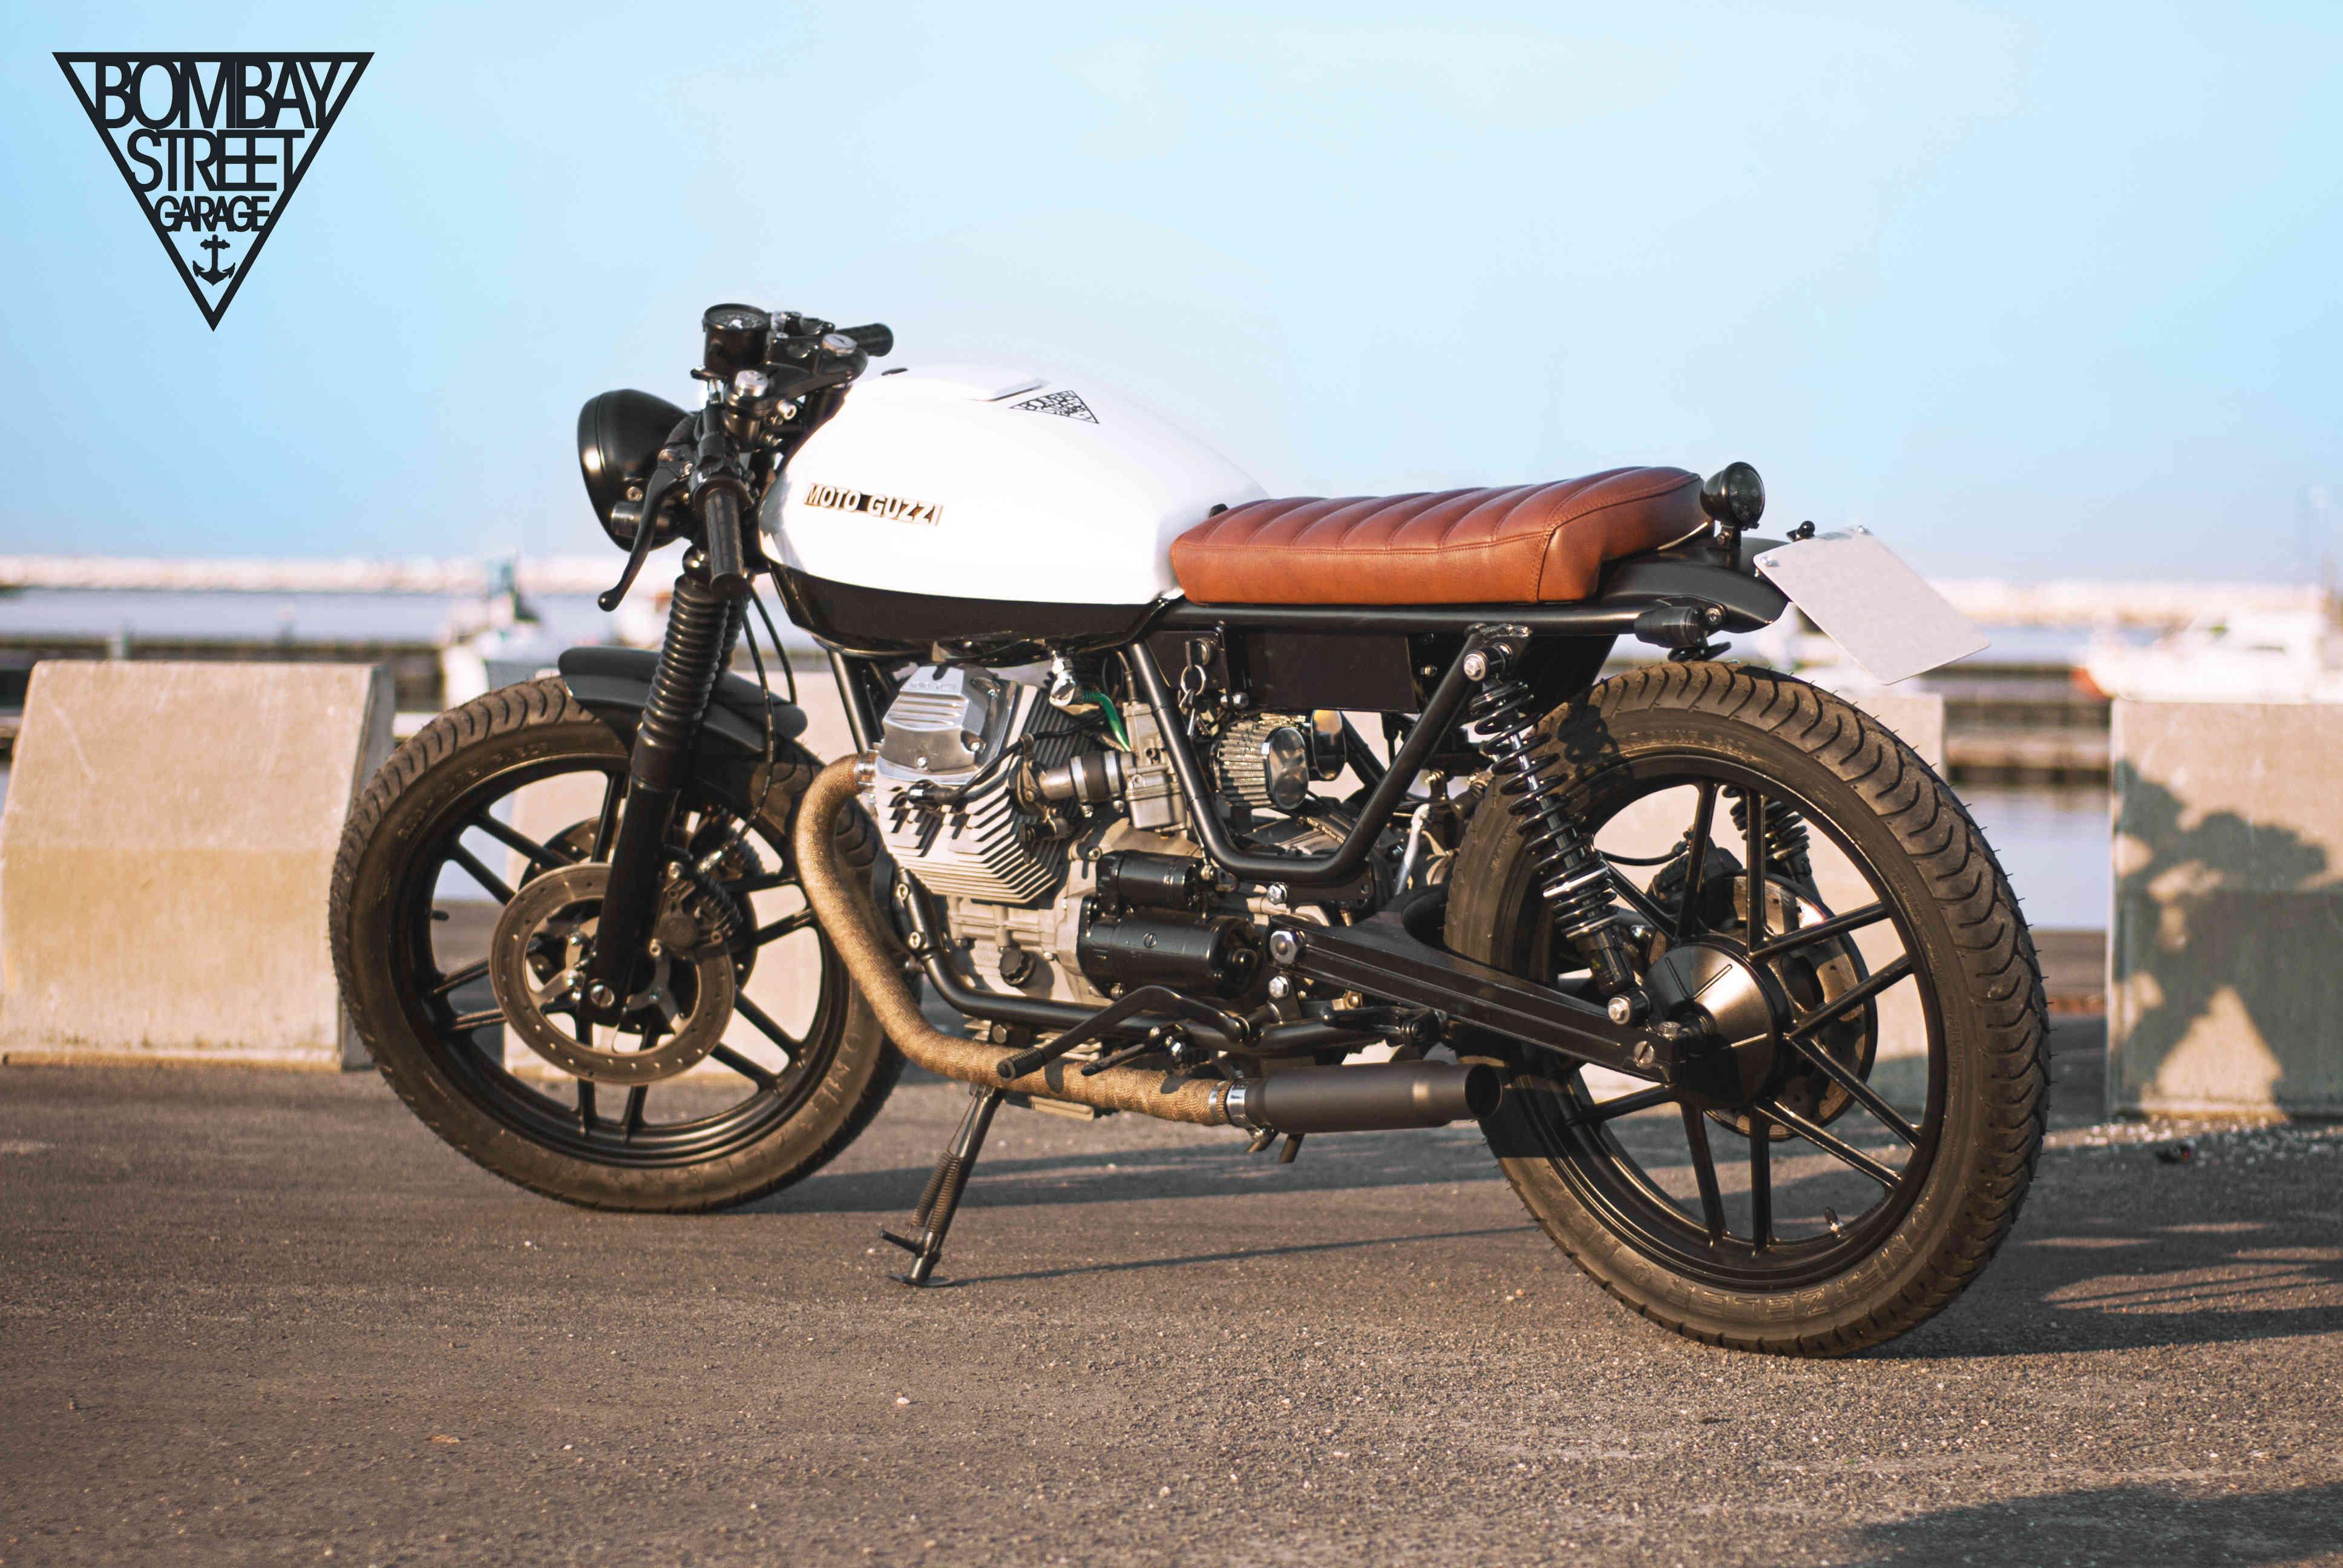 Moto Guzzi V35 Bombay Garage 7